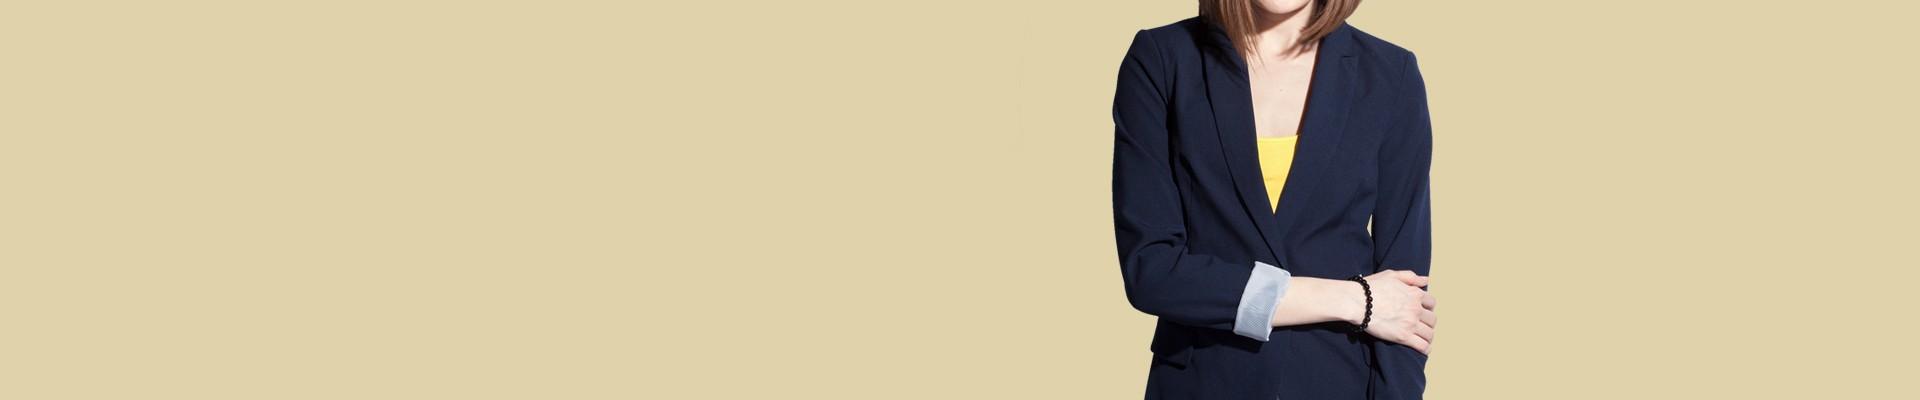 Jual Blazer Wanita / Jas Wanita Model Terbaru